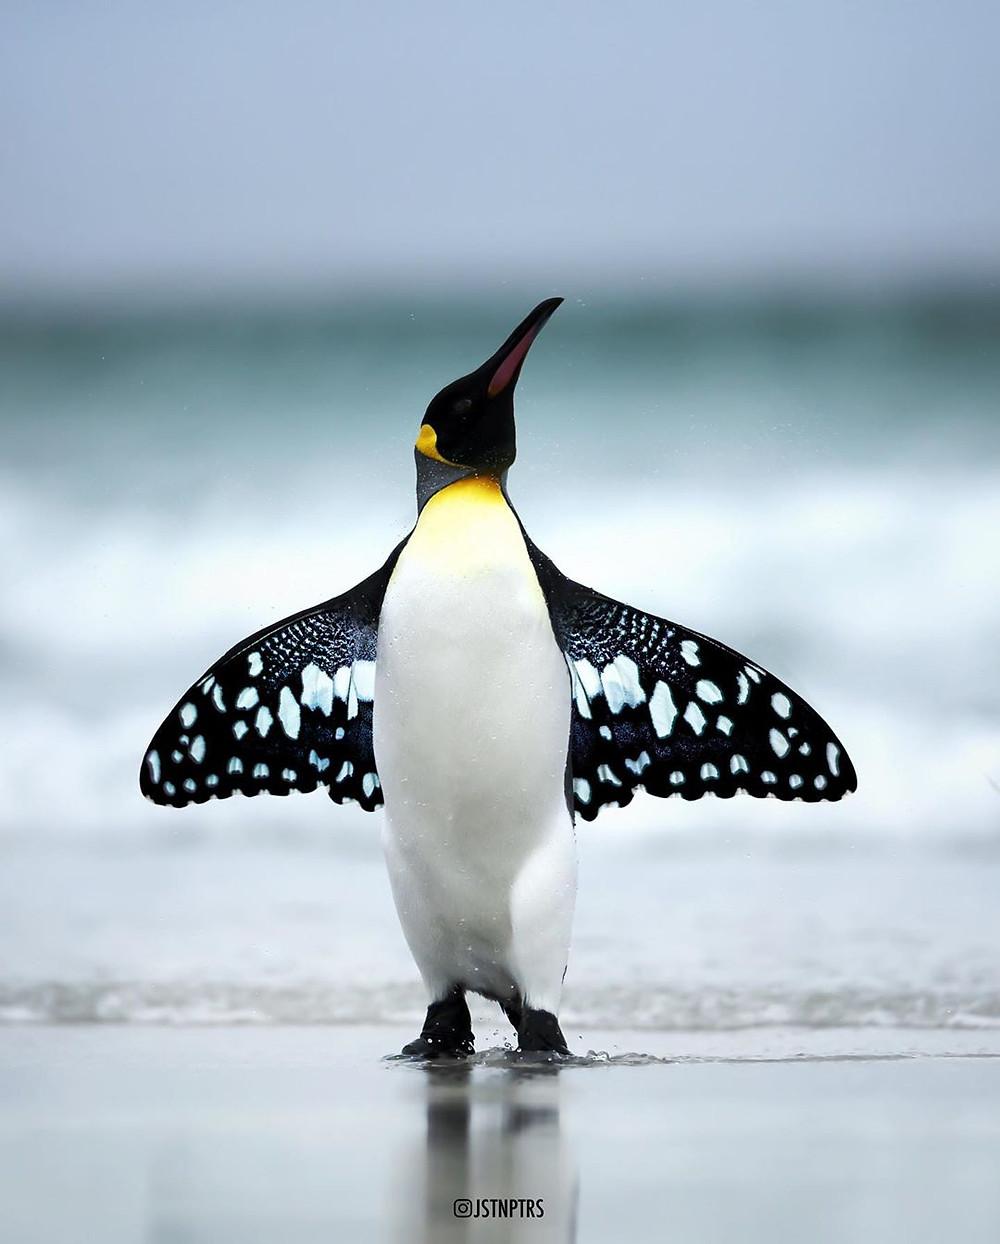 Bướm chim cánh cụt chế tác ảnh của justin peters